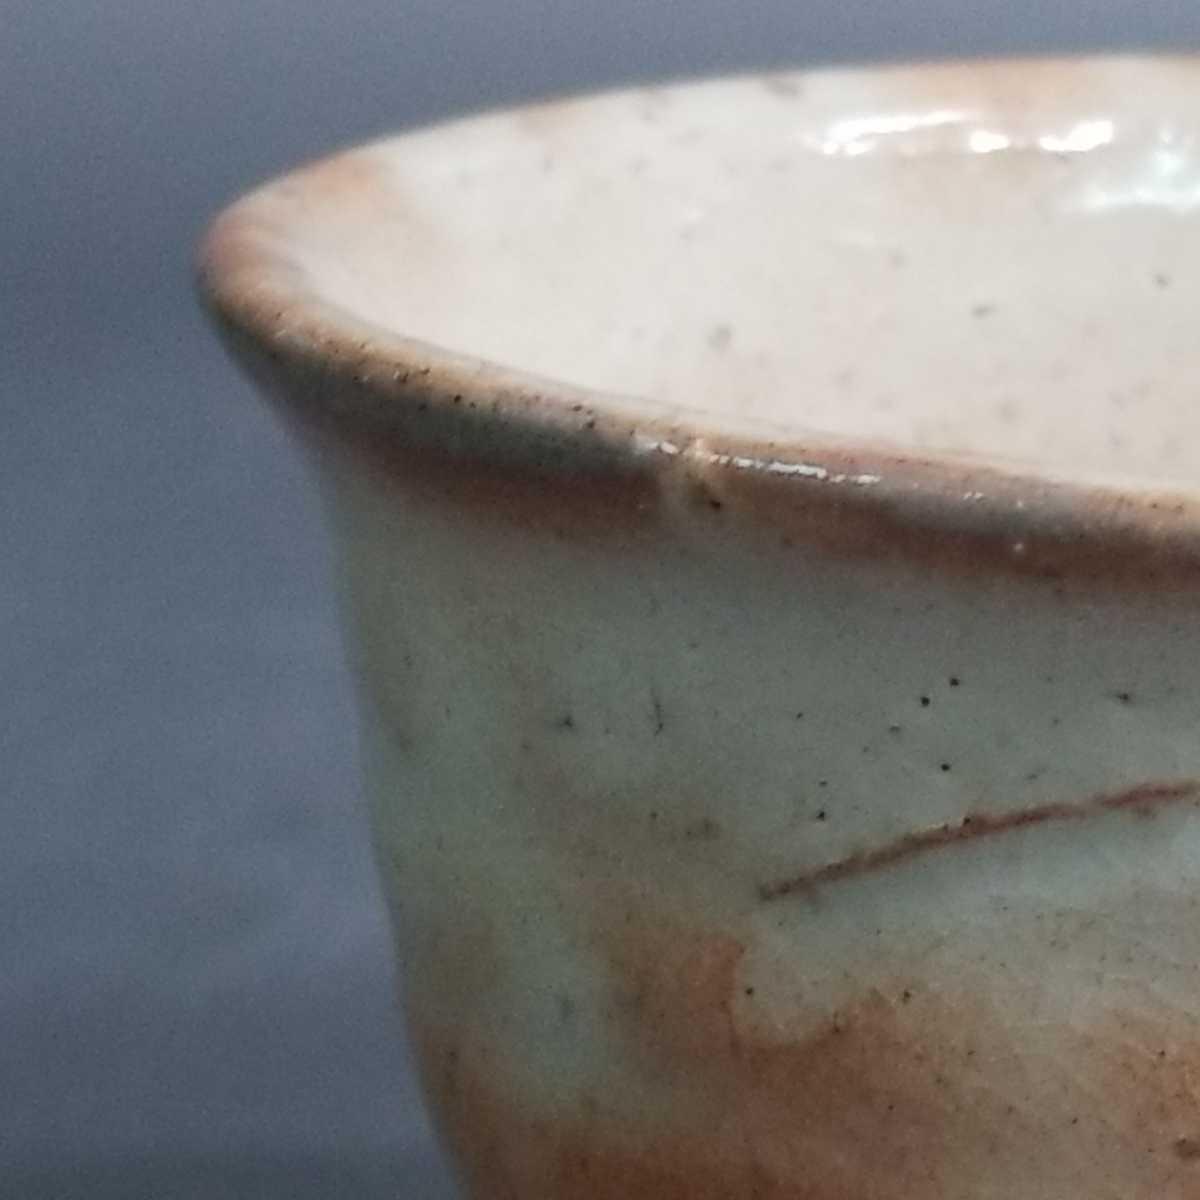 緒61)萩焼 渋谷泥詩 見島コーヒーカップ マグカップ 珈琲器 茶器 未使用新品 同梱歓迎_画像10